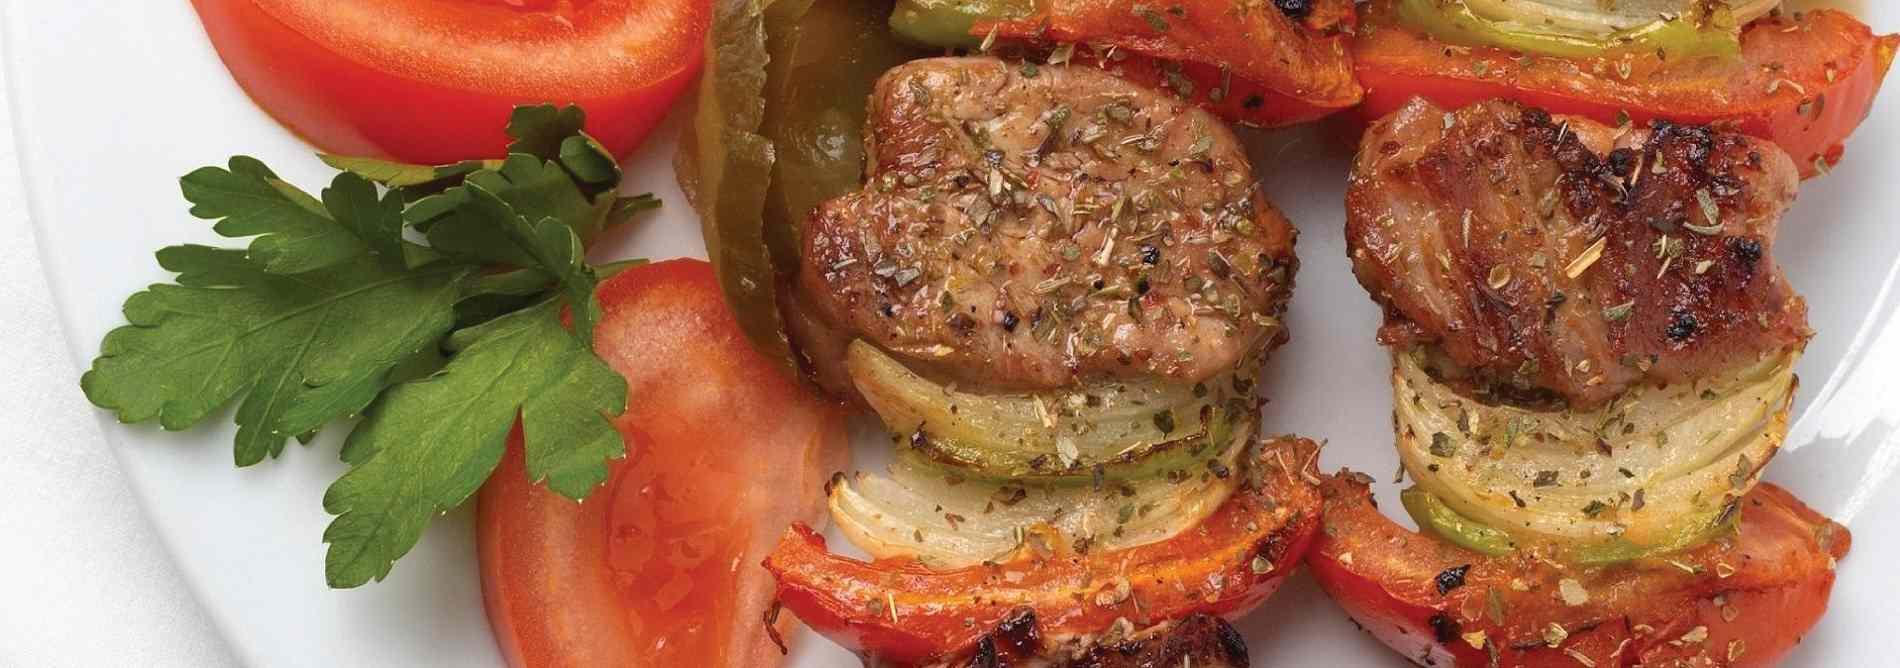 Hình ảnh món thịt nướng